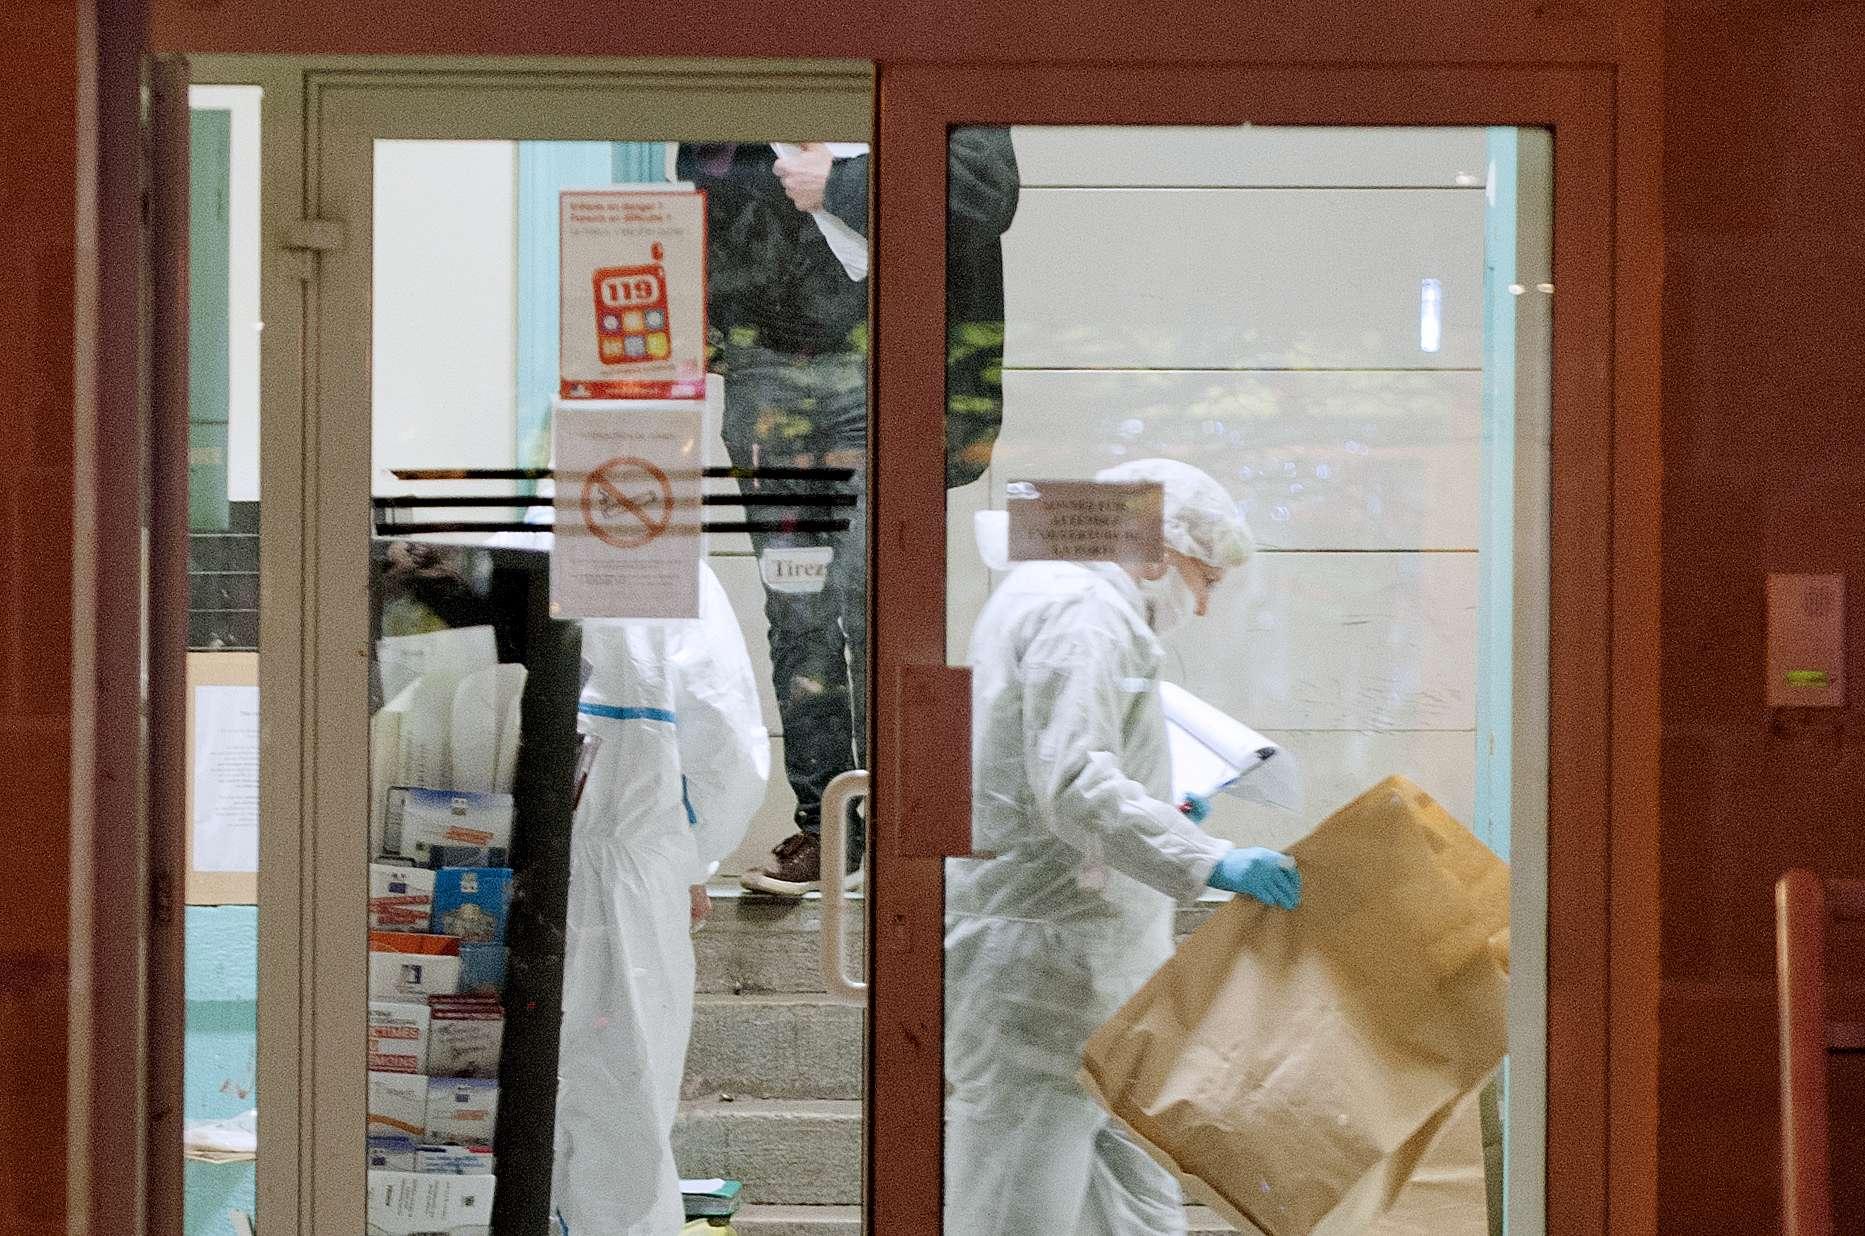 Perícia trabalha em local onde houve ataque na cidade francesa Foto: AFP